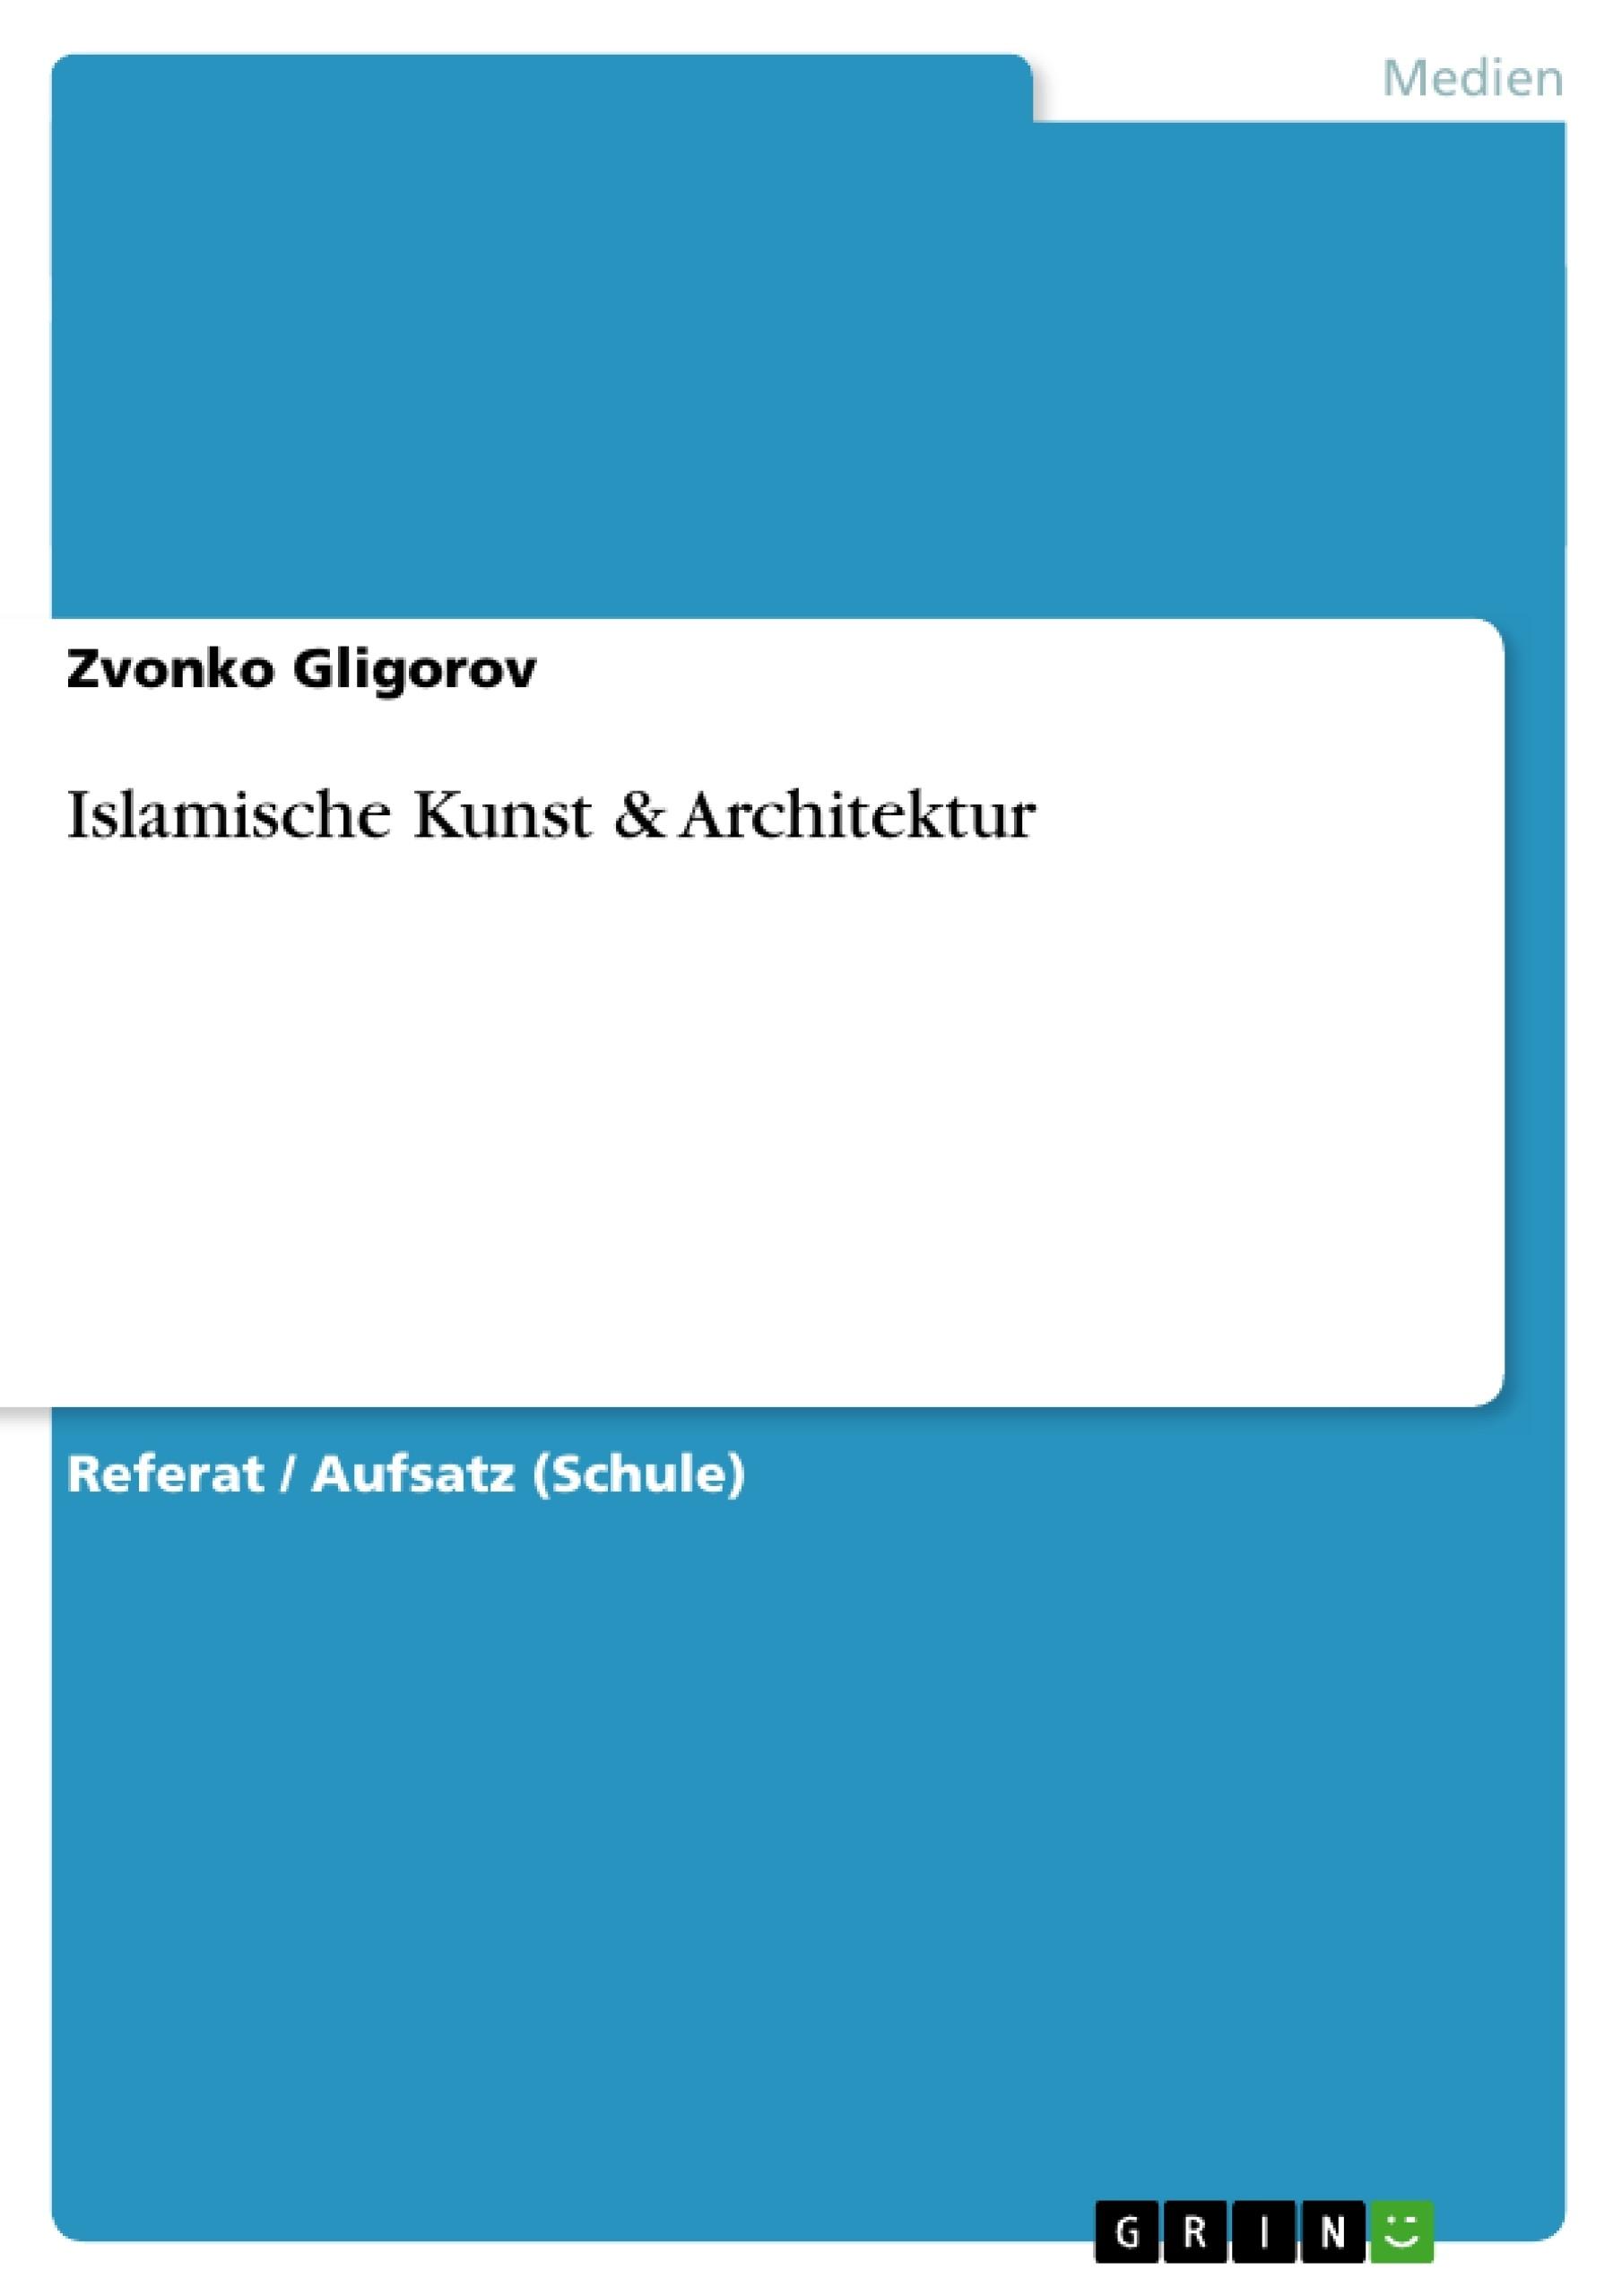 islamische kunst architektur masterarbeit hausarbeit bachelorarbeit ver ffentlichen. Black Bedroom Furniture Sets. Home Design Ideas